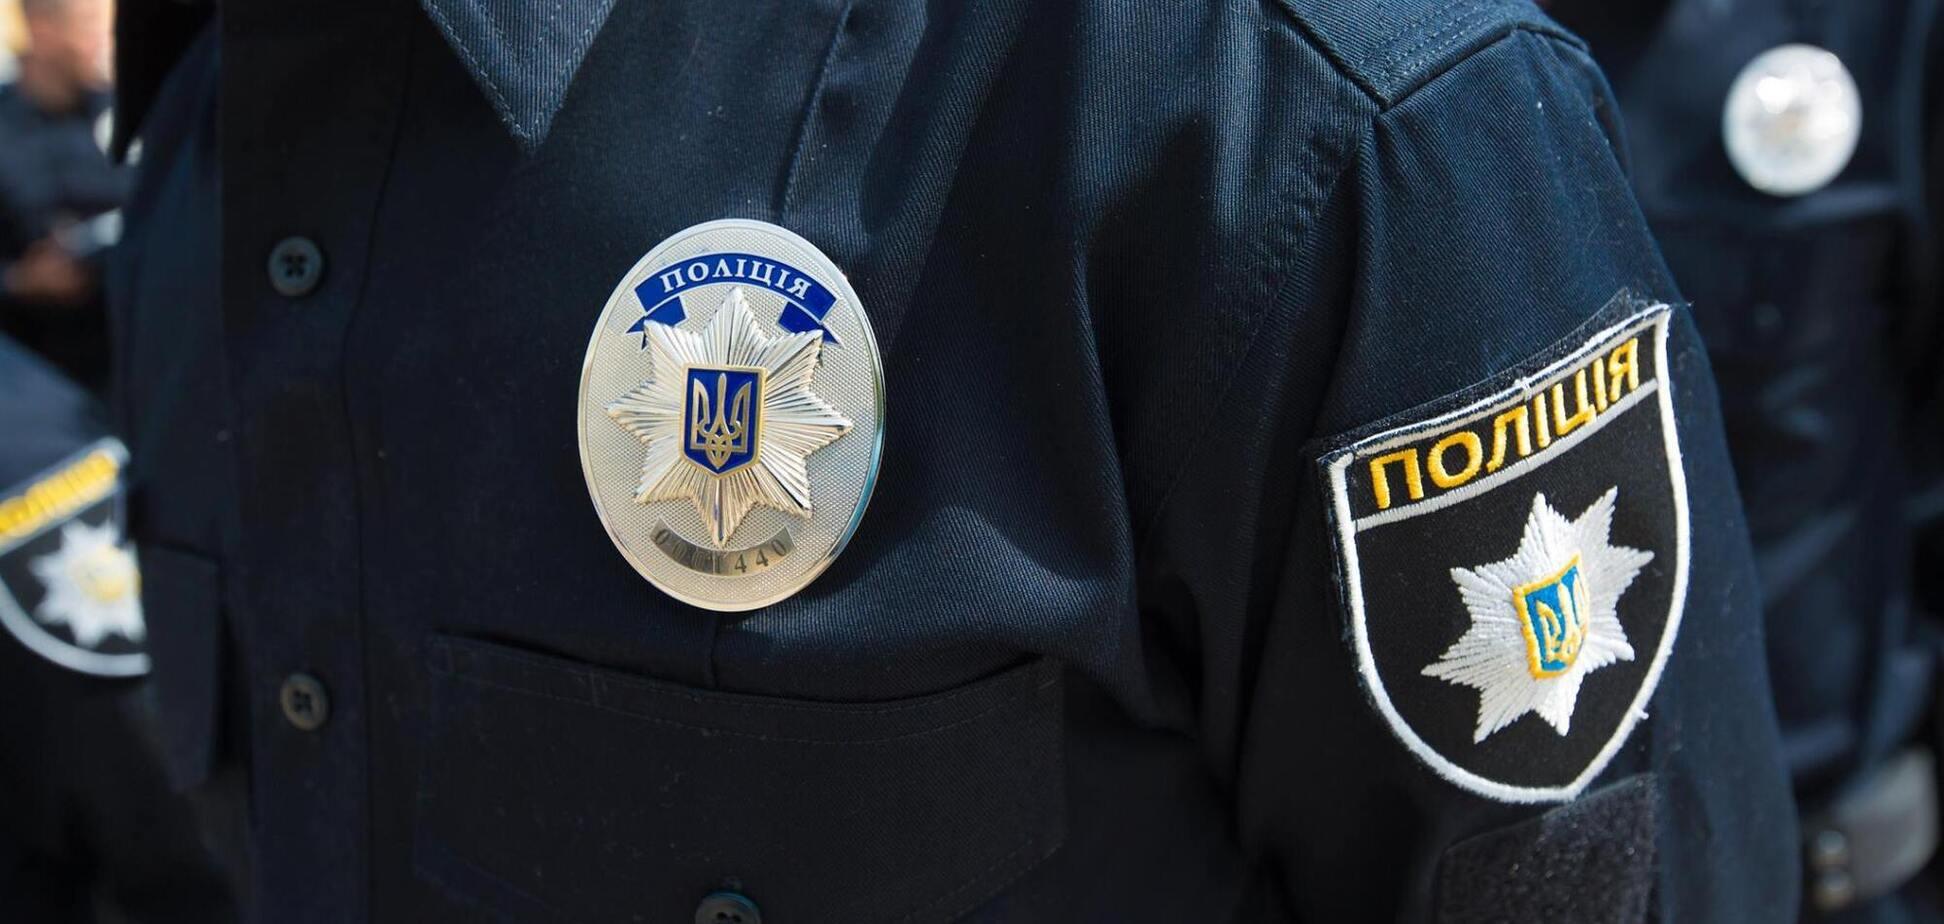 Под Одессой расстреляли криминального авторитета: СМИ назвали имя